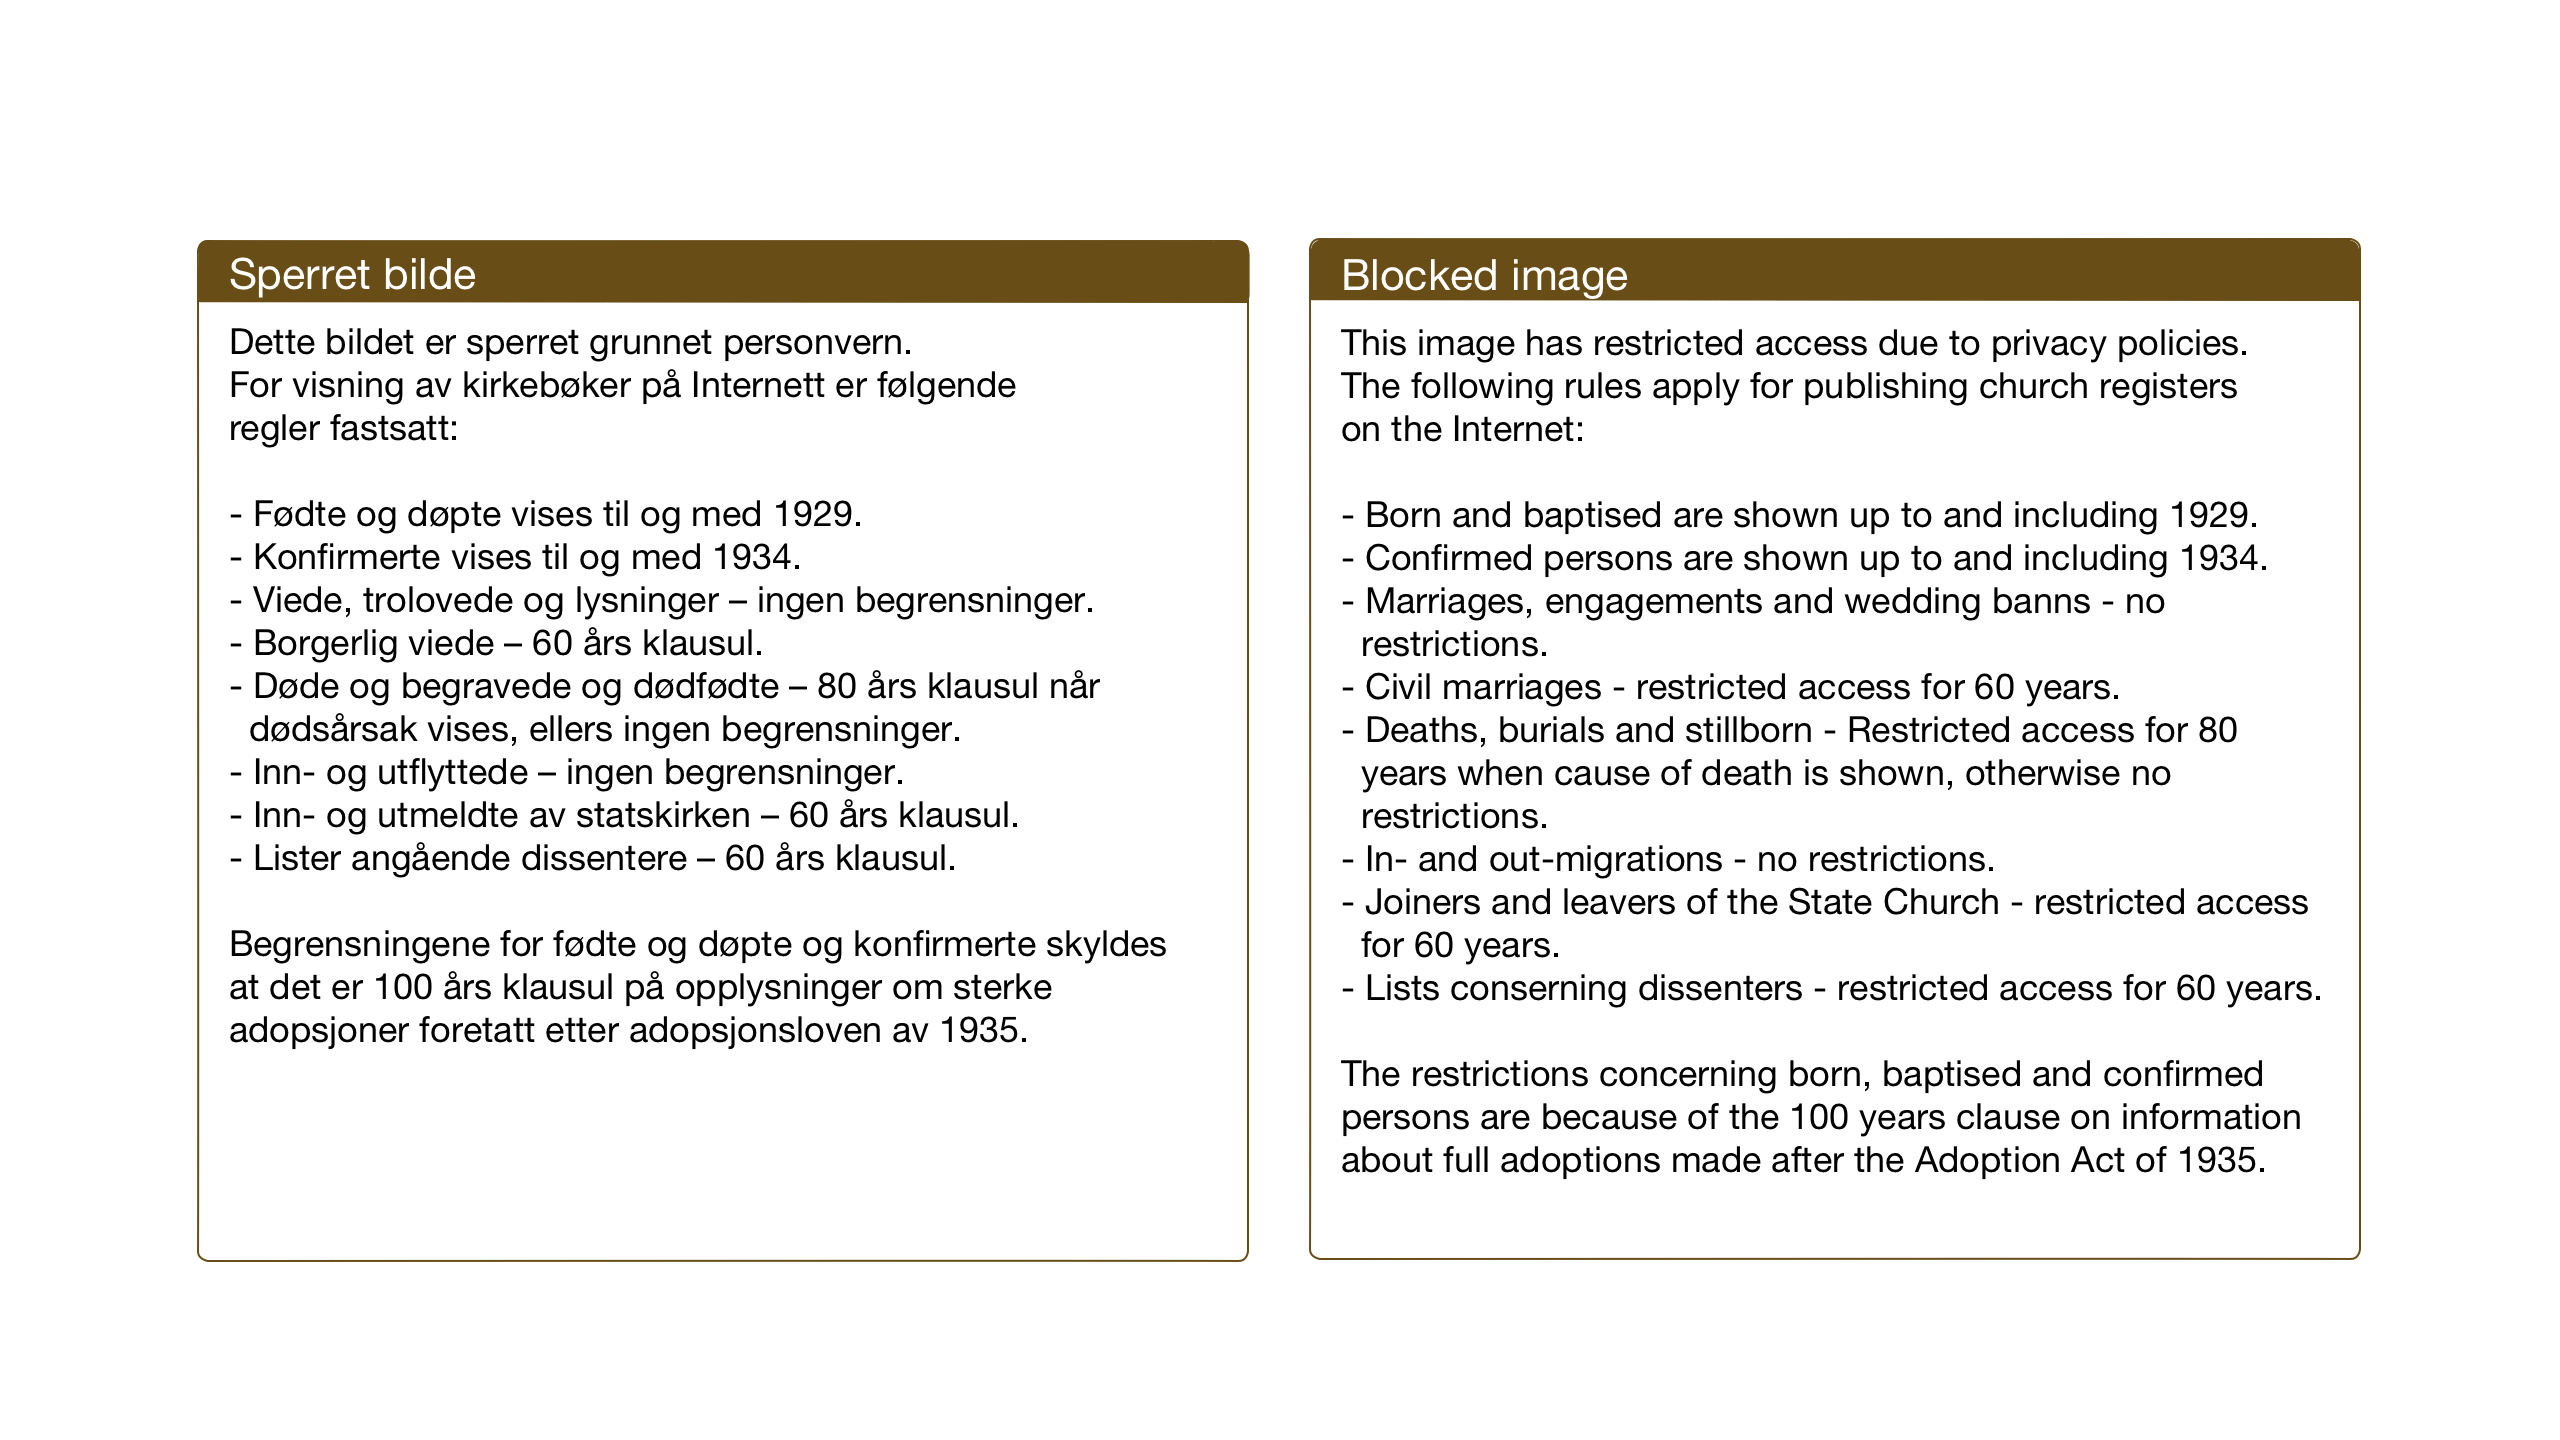 SAT, Ministerialprotokoller, klokkerbøker og fødselsregistre - Sør-Trøndelag, 615/L0401: Klokkerbok nr. 615C02, 1922-1941, s. 66